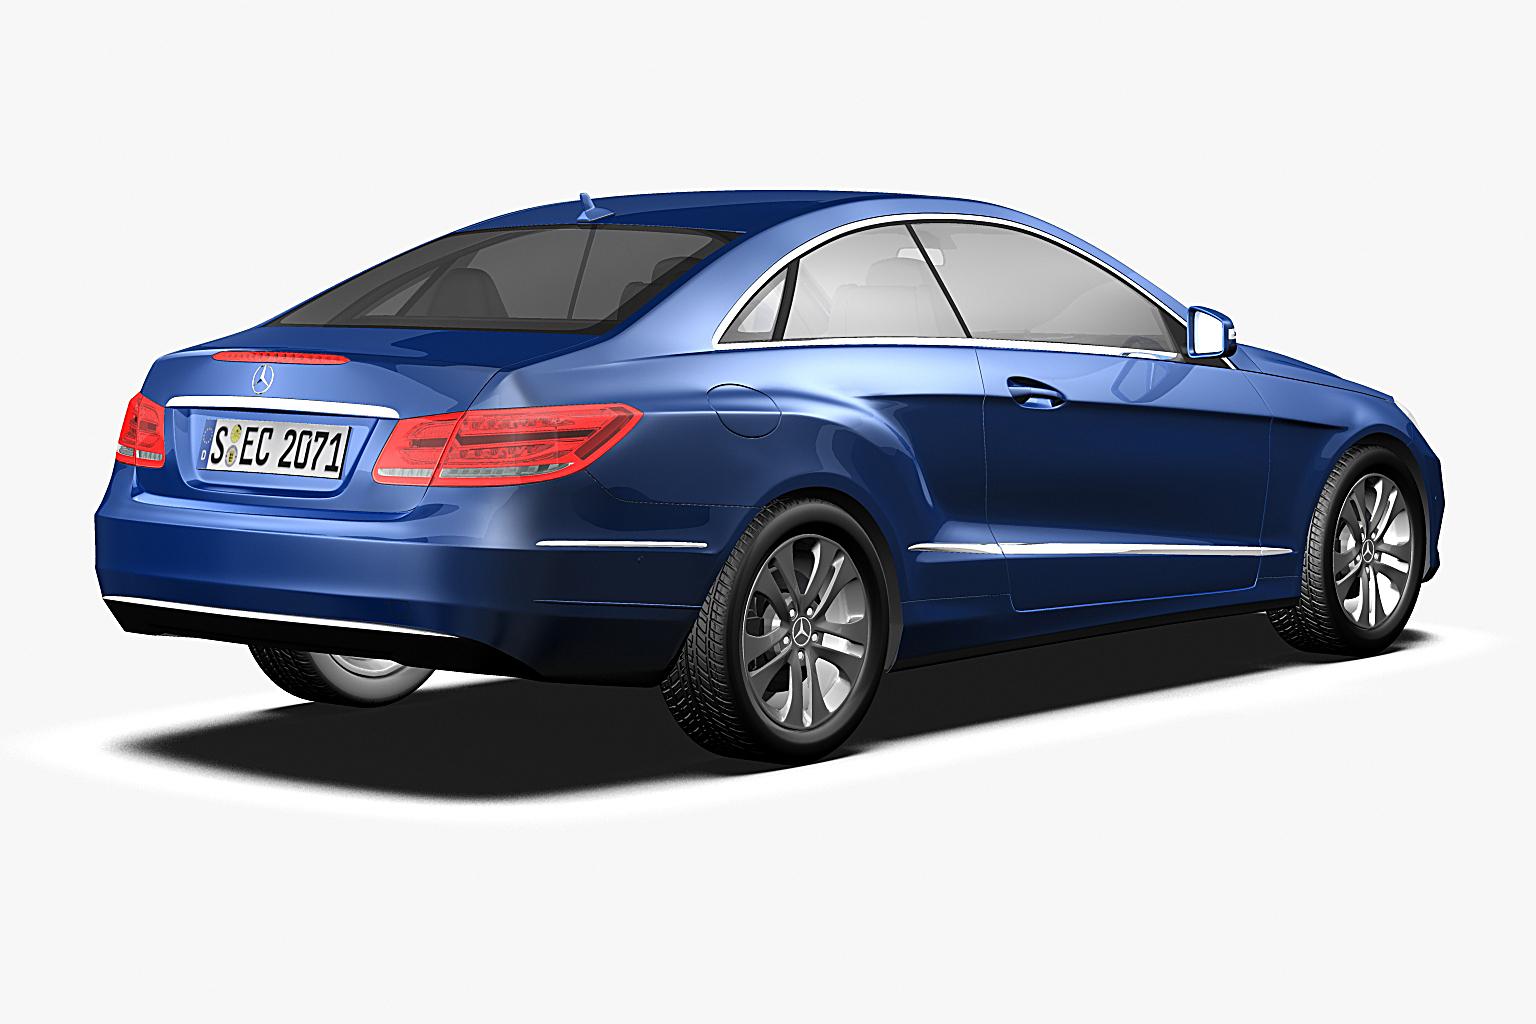 2014 mercedes benz e class coupe 3d model max obj 3ds fbx c4d lwo lw lws - Mercedes e class coupe 2014 ...